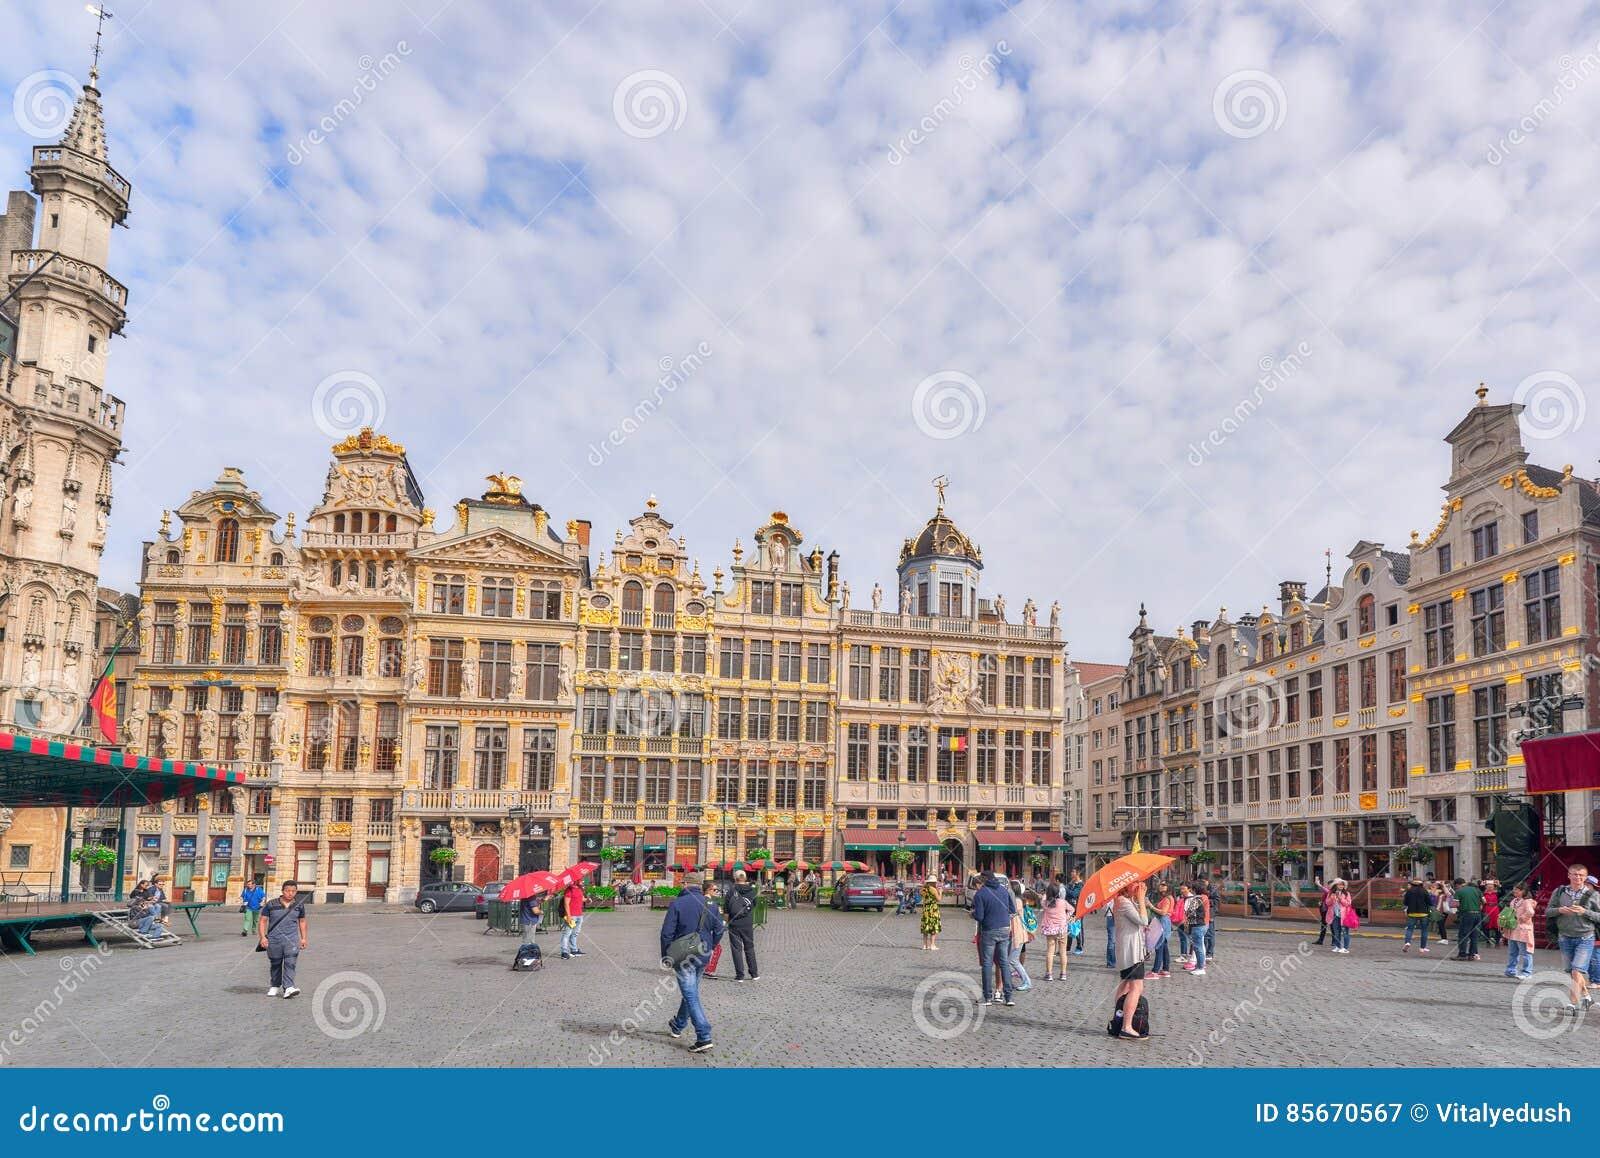 Groot Vierkant Balkon : Grand place grote markt centraal vierkant van brussel het is su